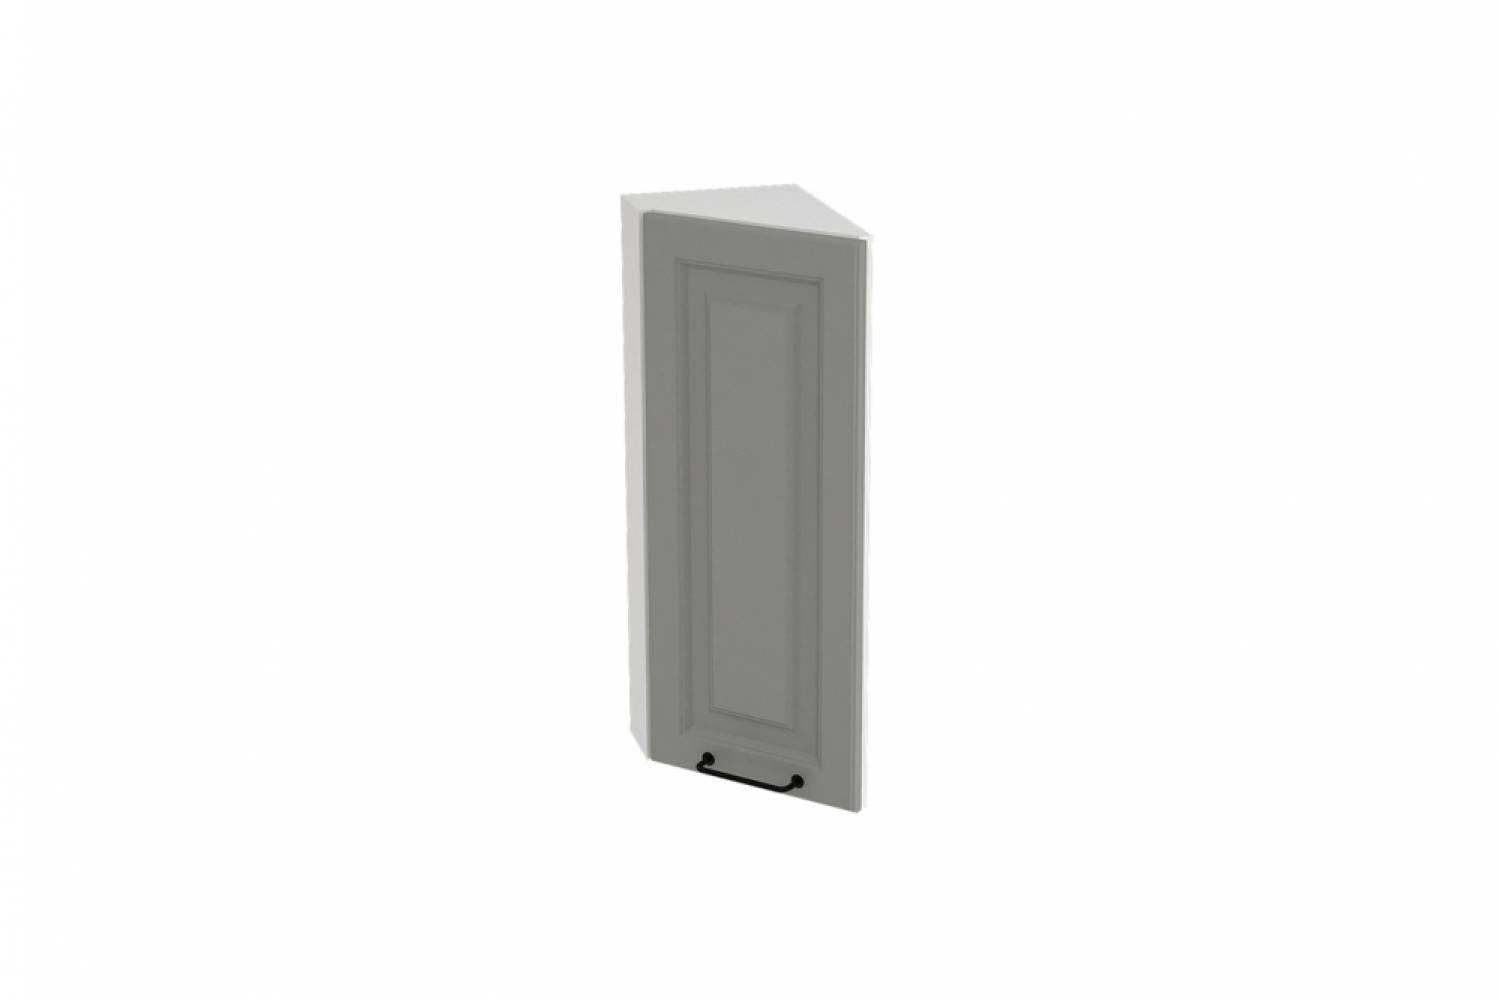 Шкаф верхний угловой торцевой ШВТ 224 НИЦЦА ROYAL (MAGNUM) 224 мм